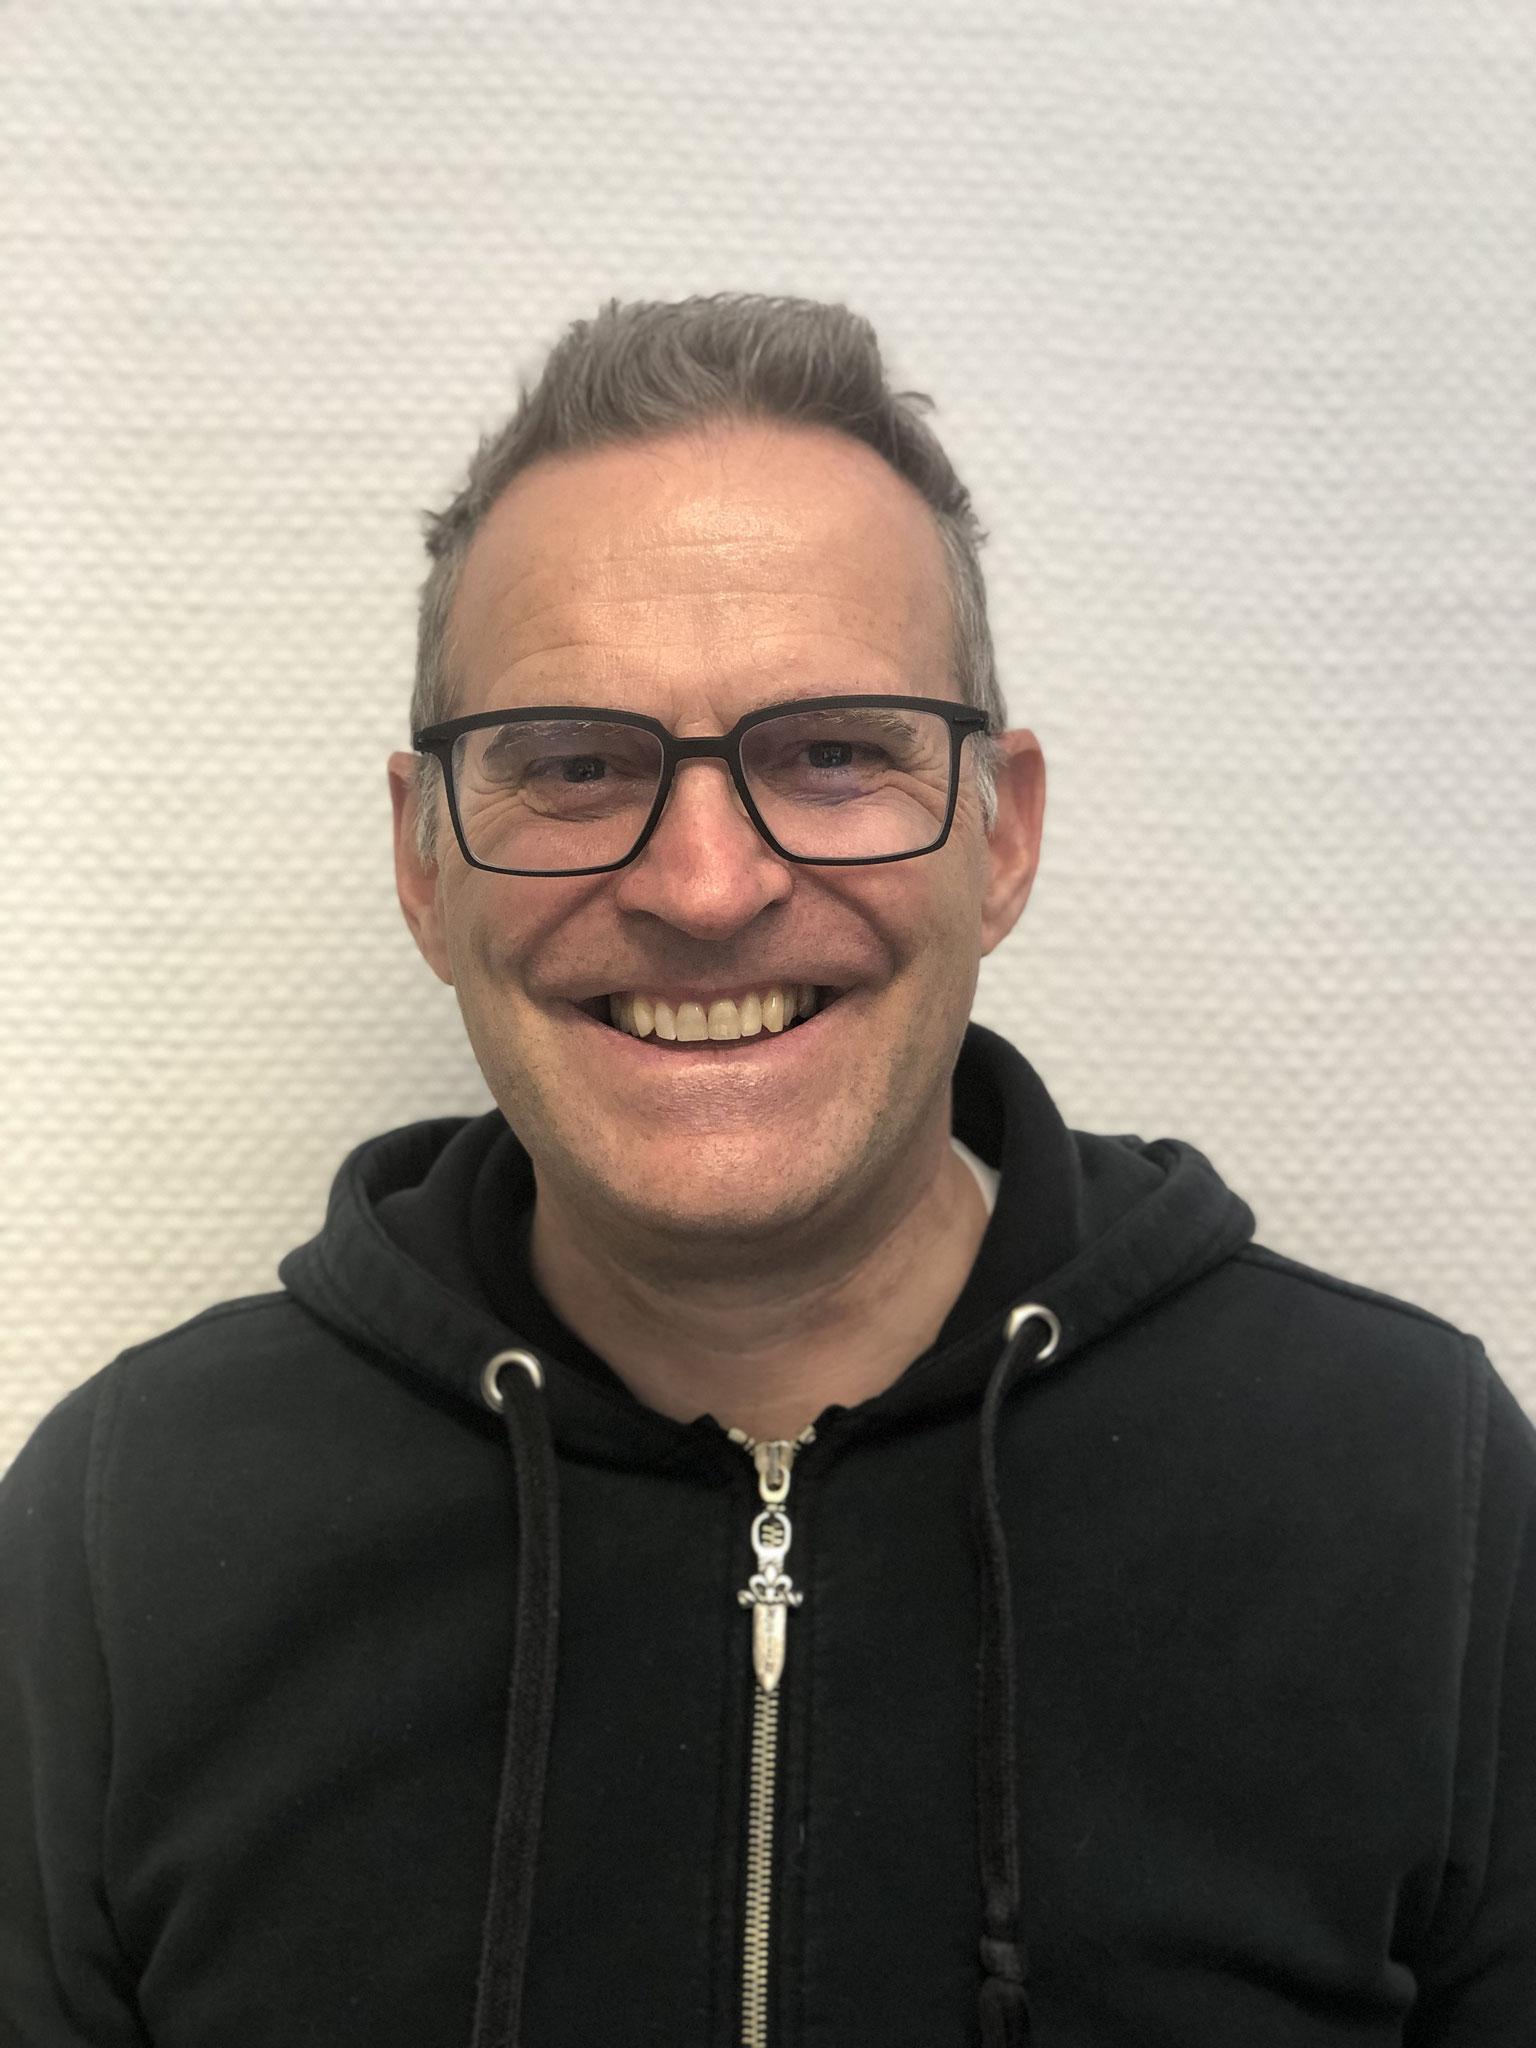 Patrik Buchmann, staatlich geprüfter Augenoptiker und Augenoptiker Meister